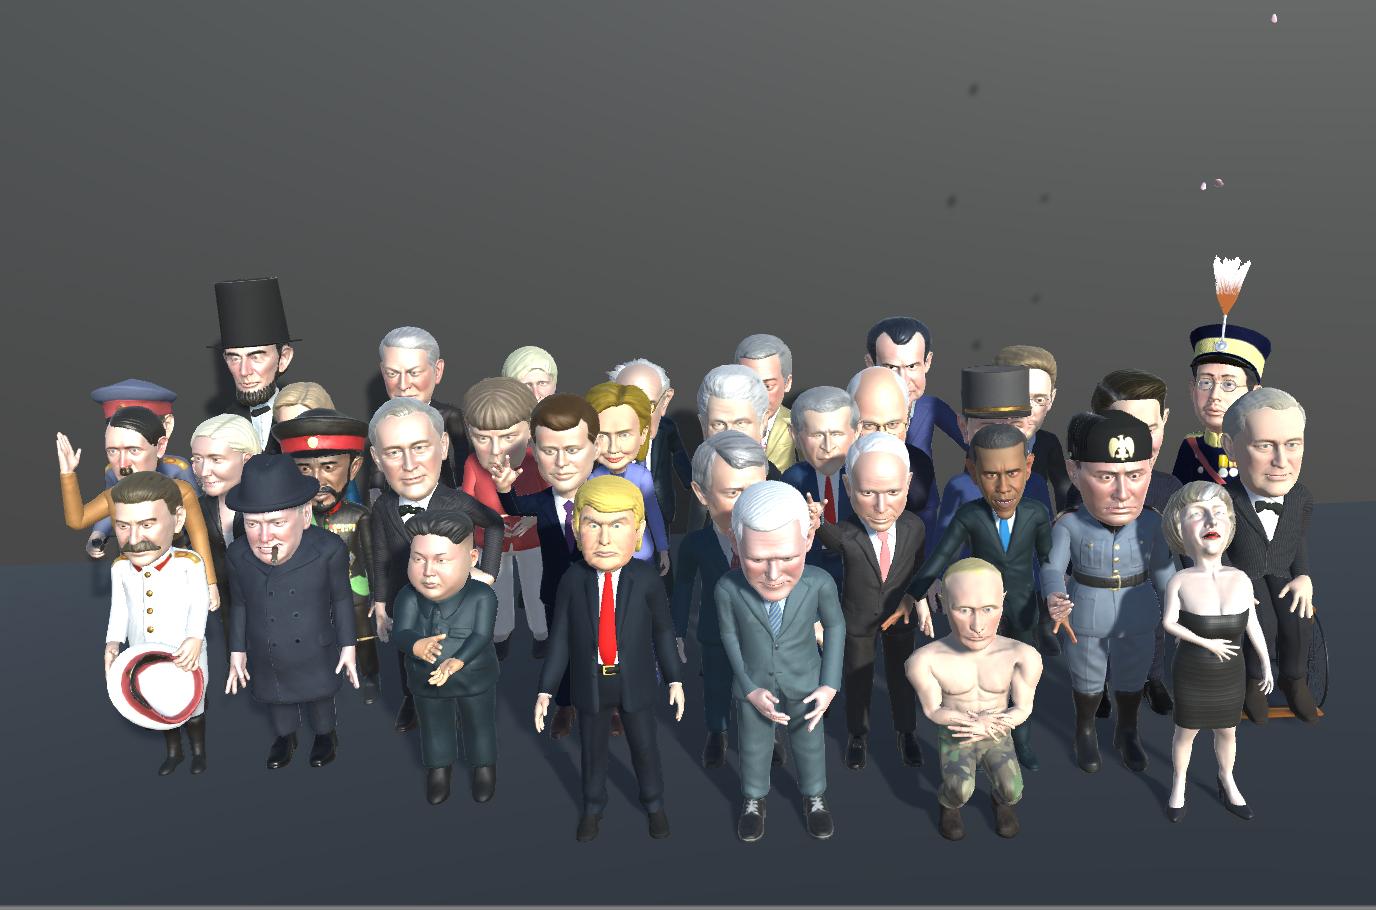 Politicians mega pack